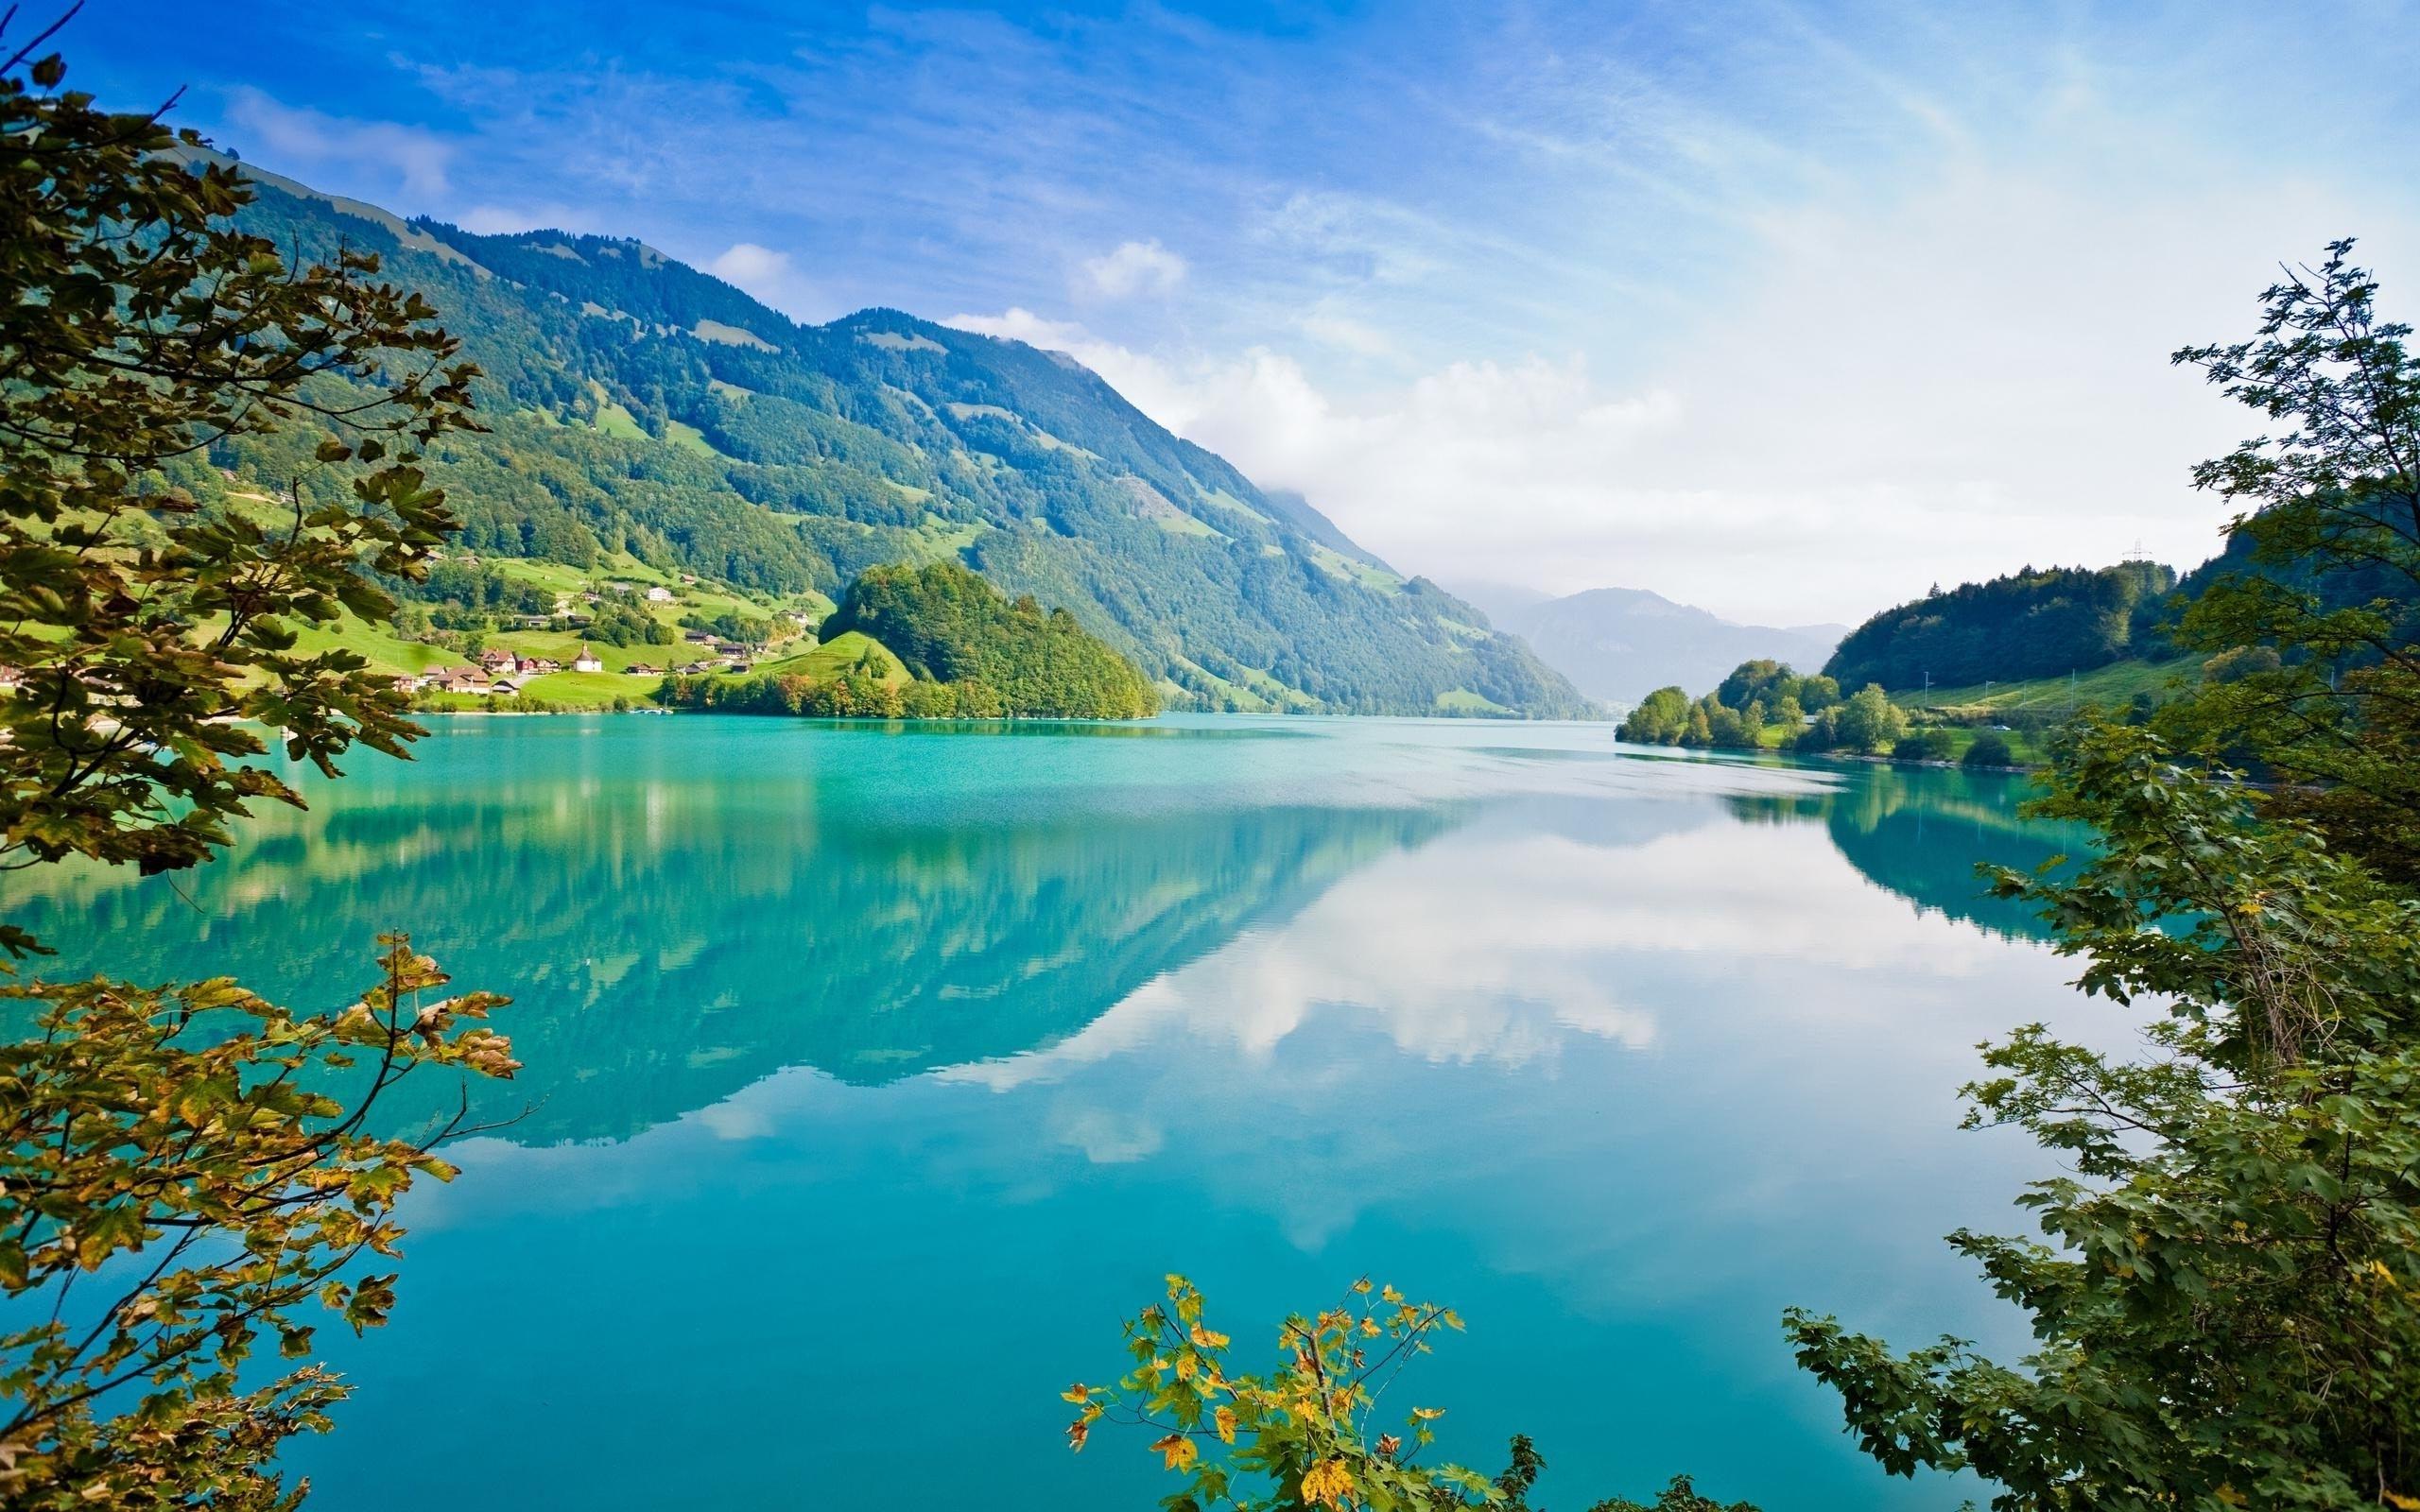 Cảnh đẹp thiên nhiên mặt hồ trong xanh